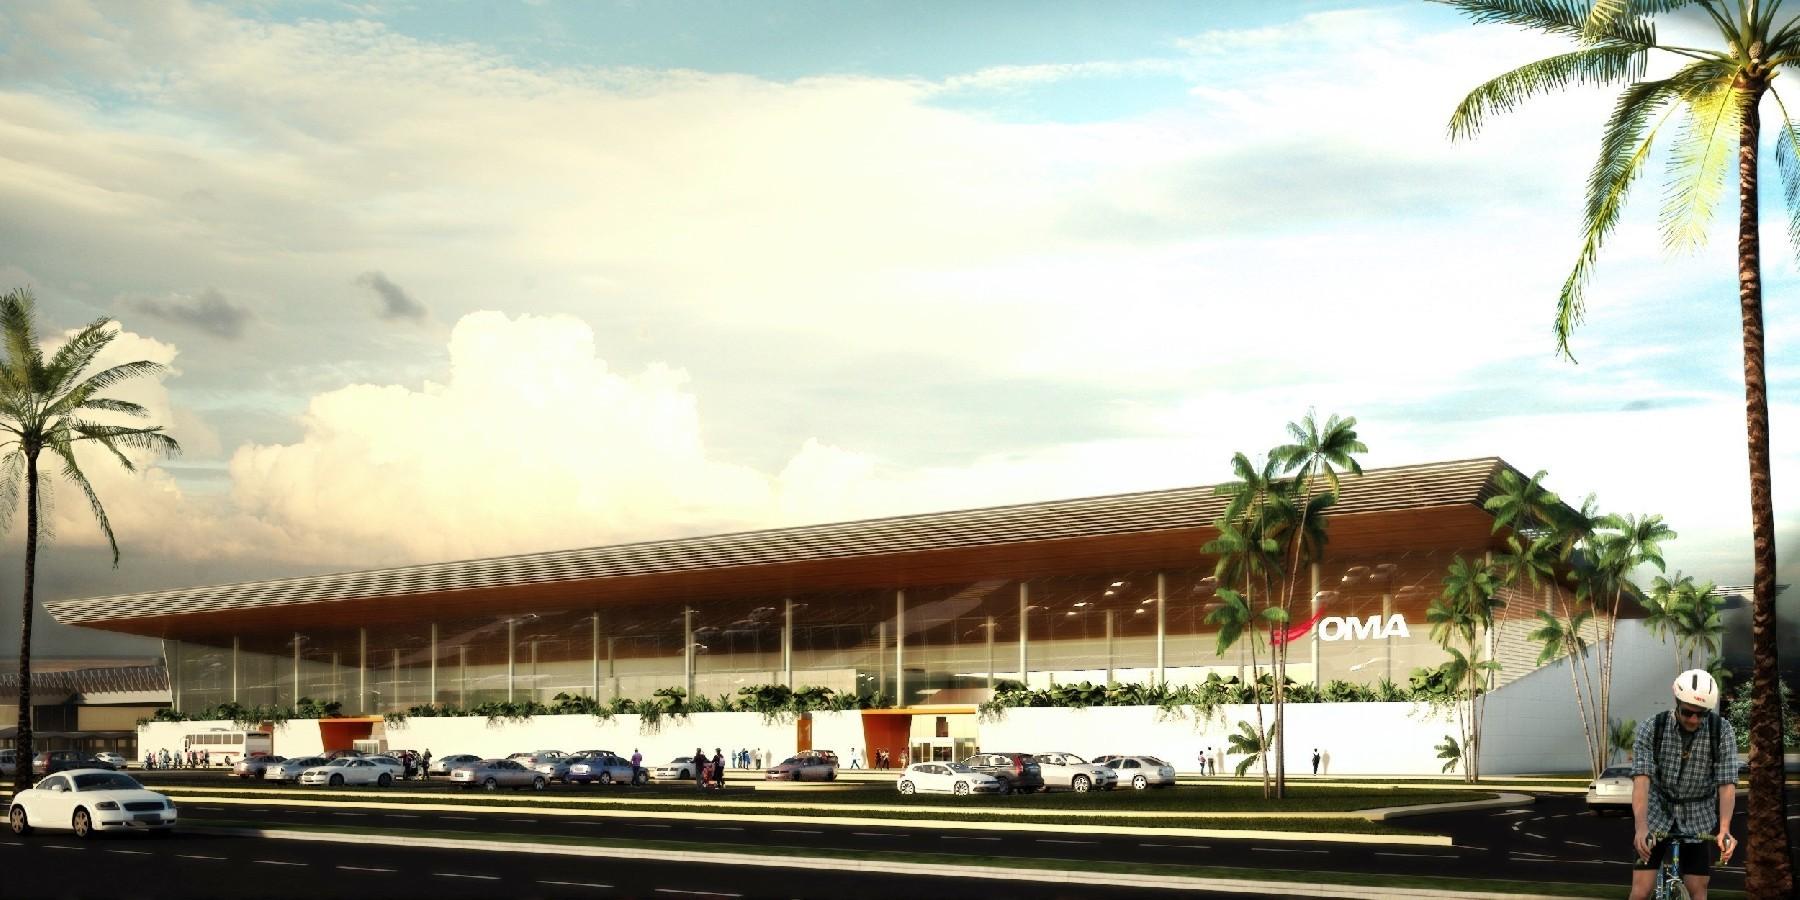 Propuesta del concurso para el nuevo Aeropuerto de Acapulco / México, Cortesía PLASTIK Arquitectos